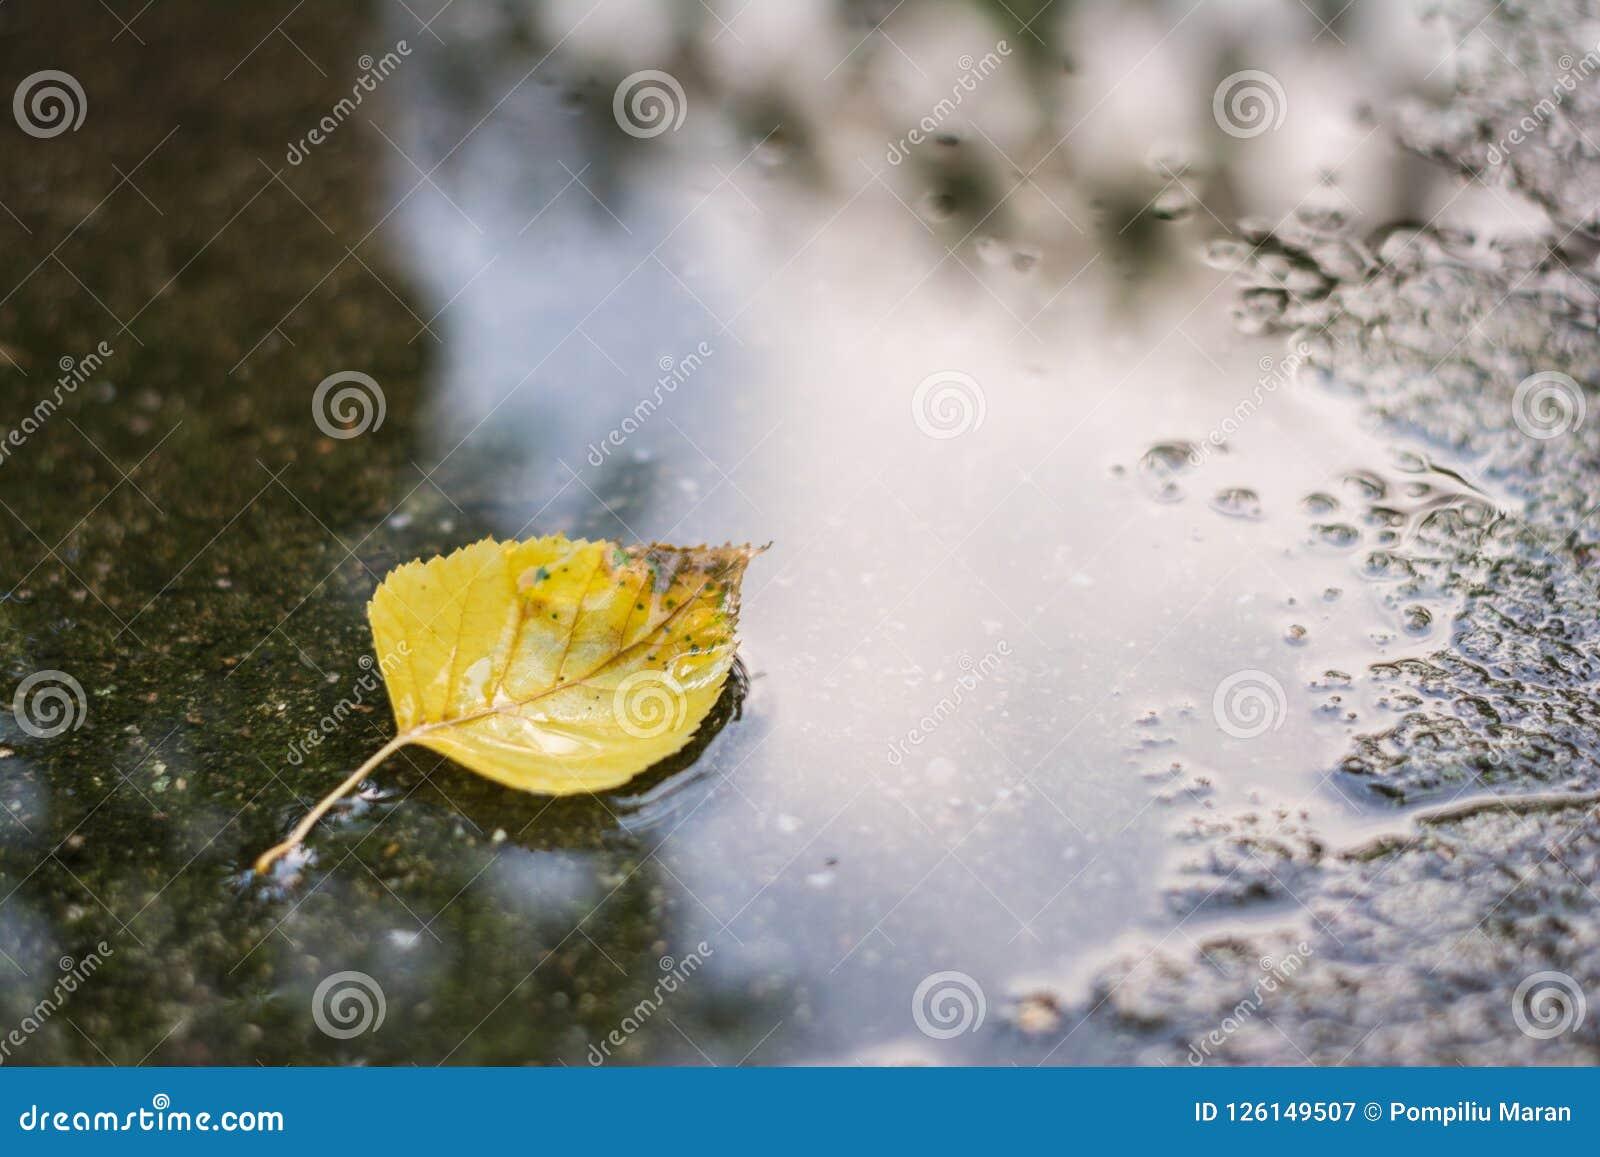 Amarele a folha caída da árvore de vidoeiro, bétula